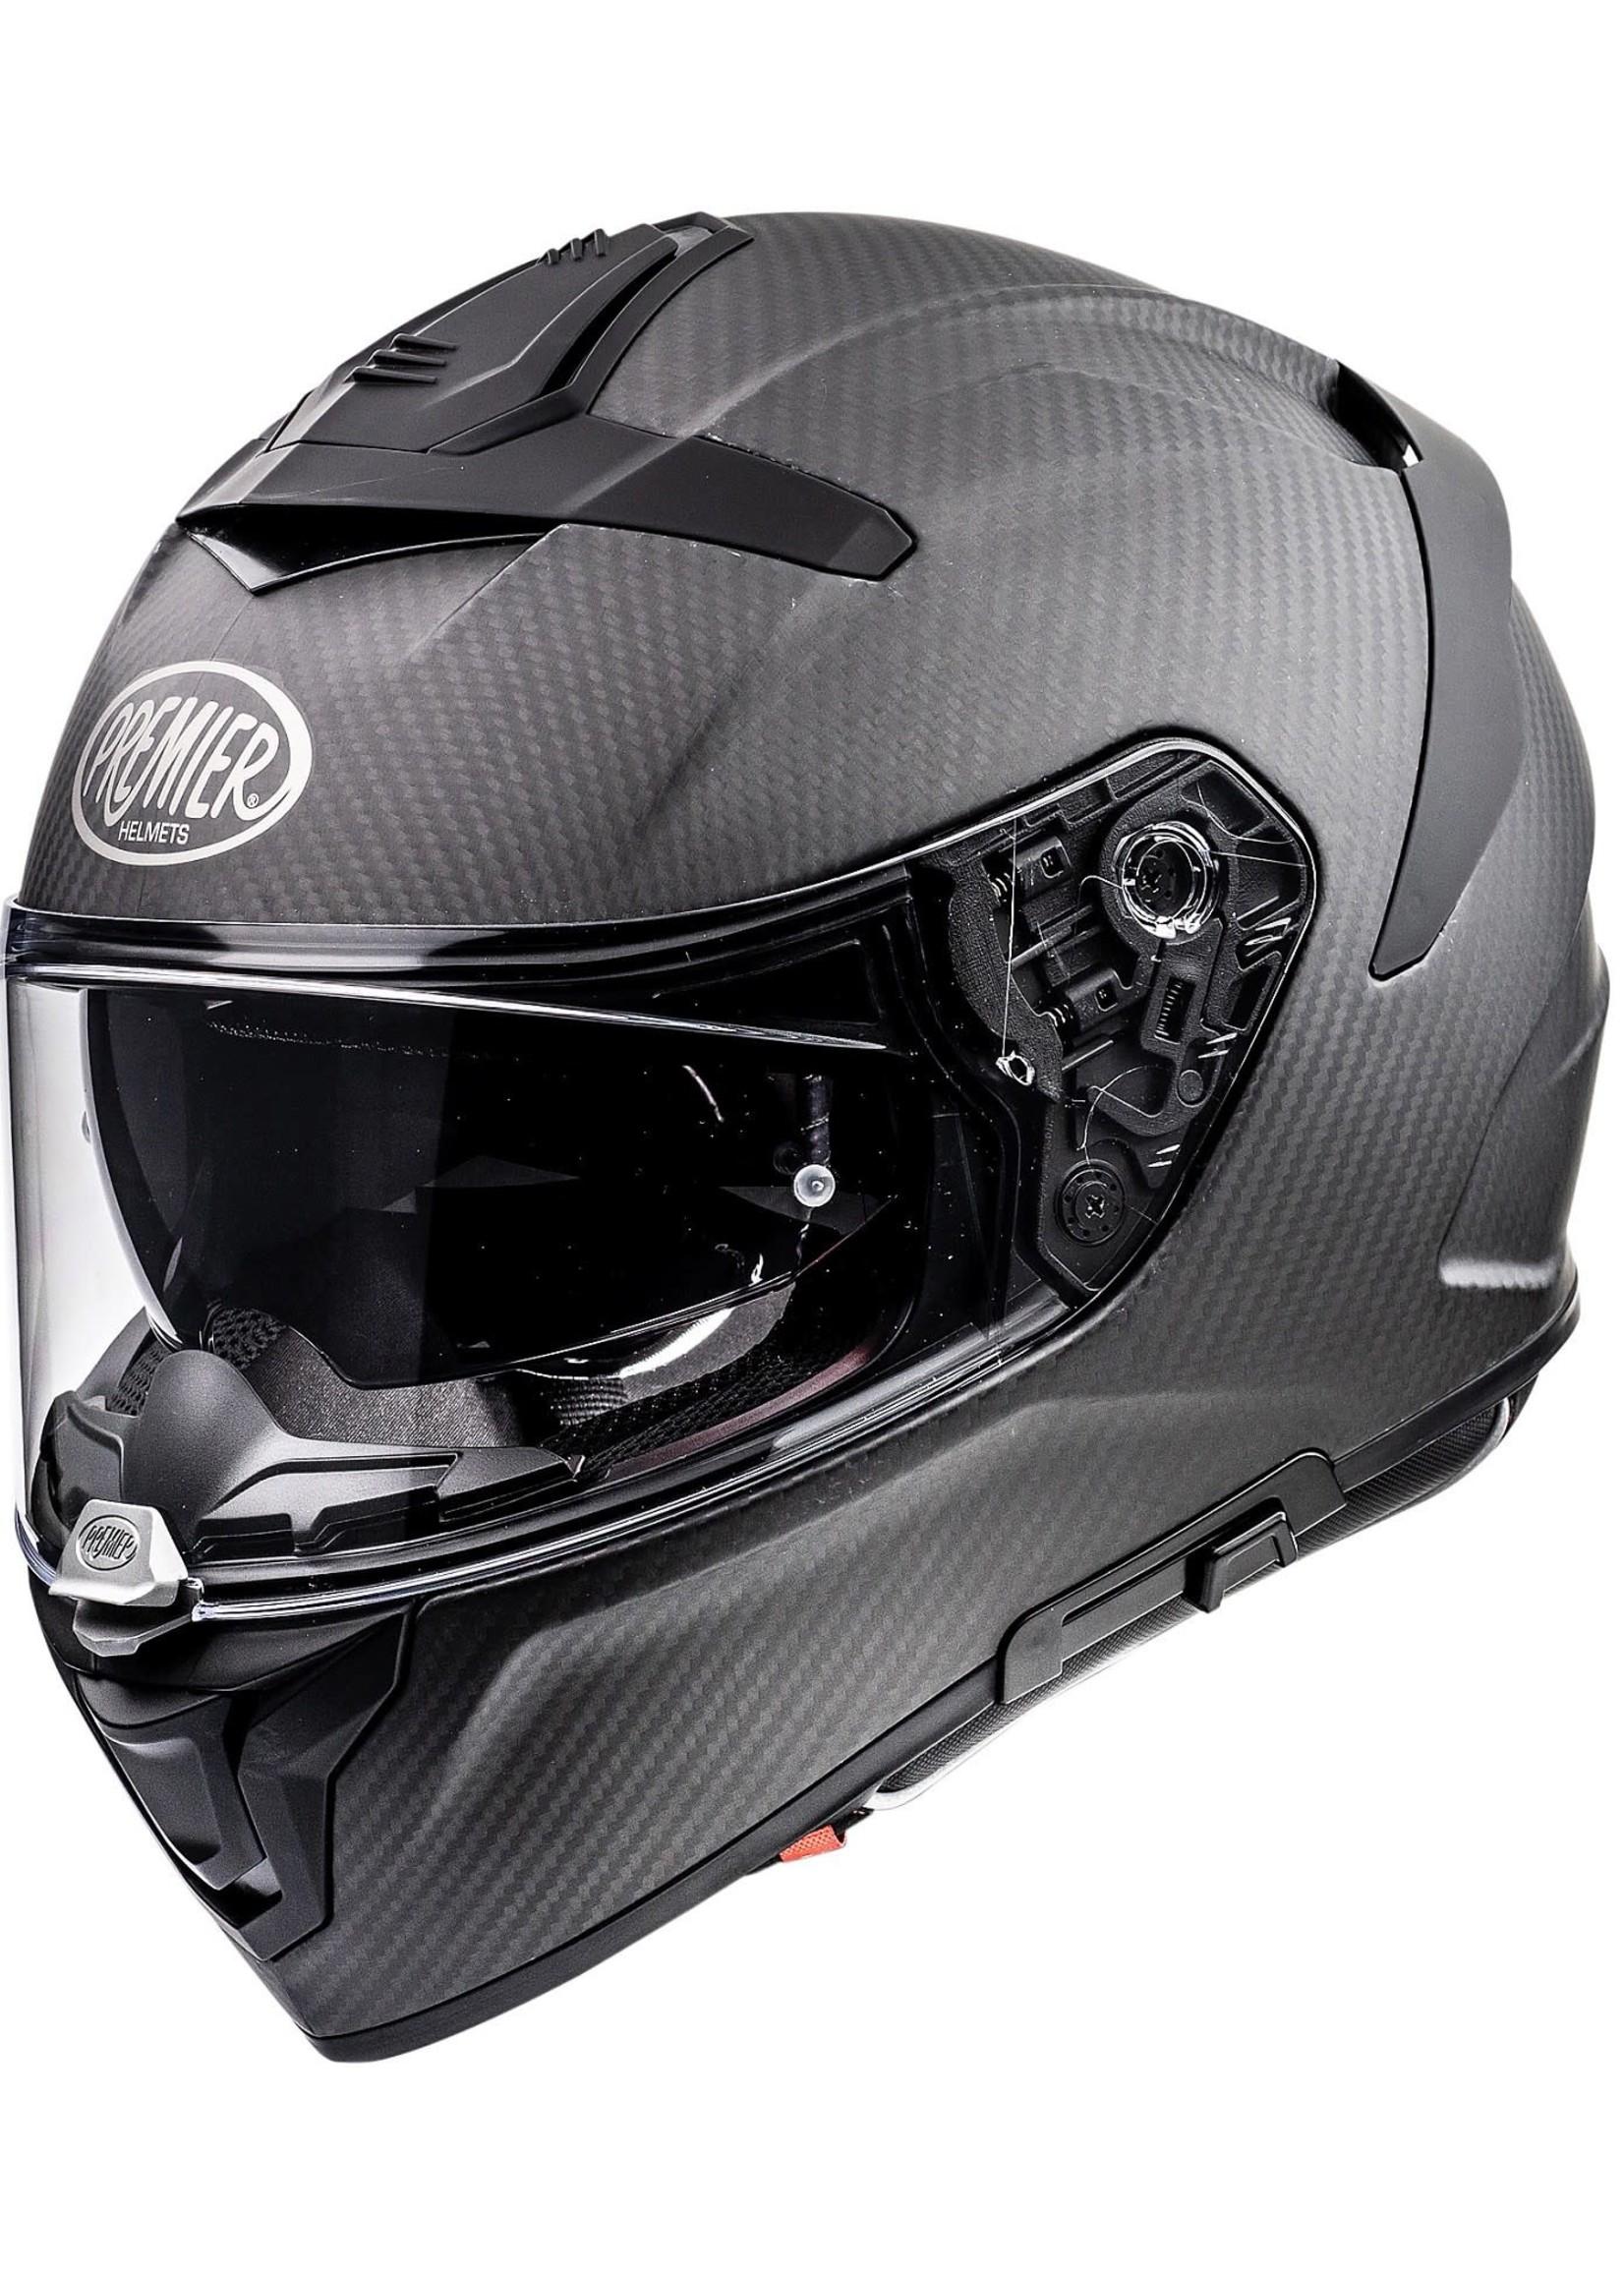 Premier Premier DEVIL Helm Carbon BM